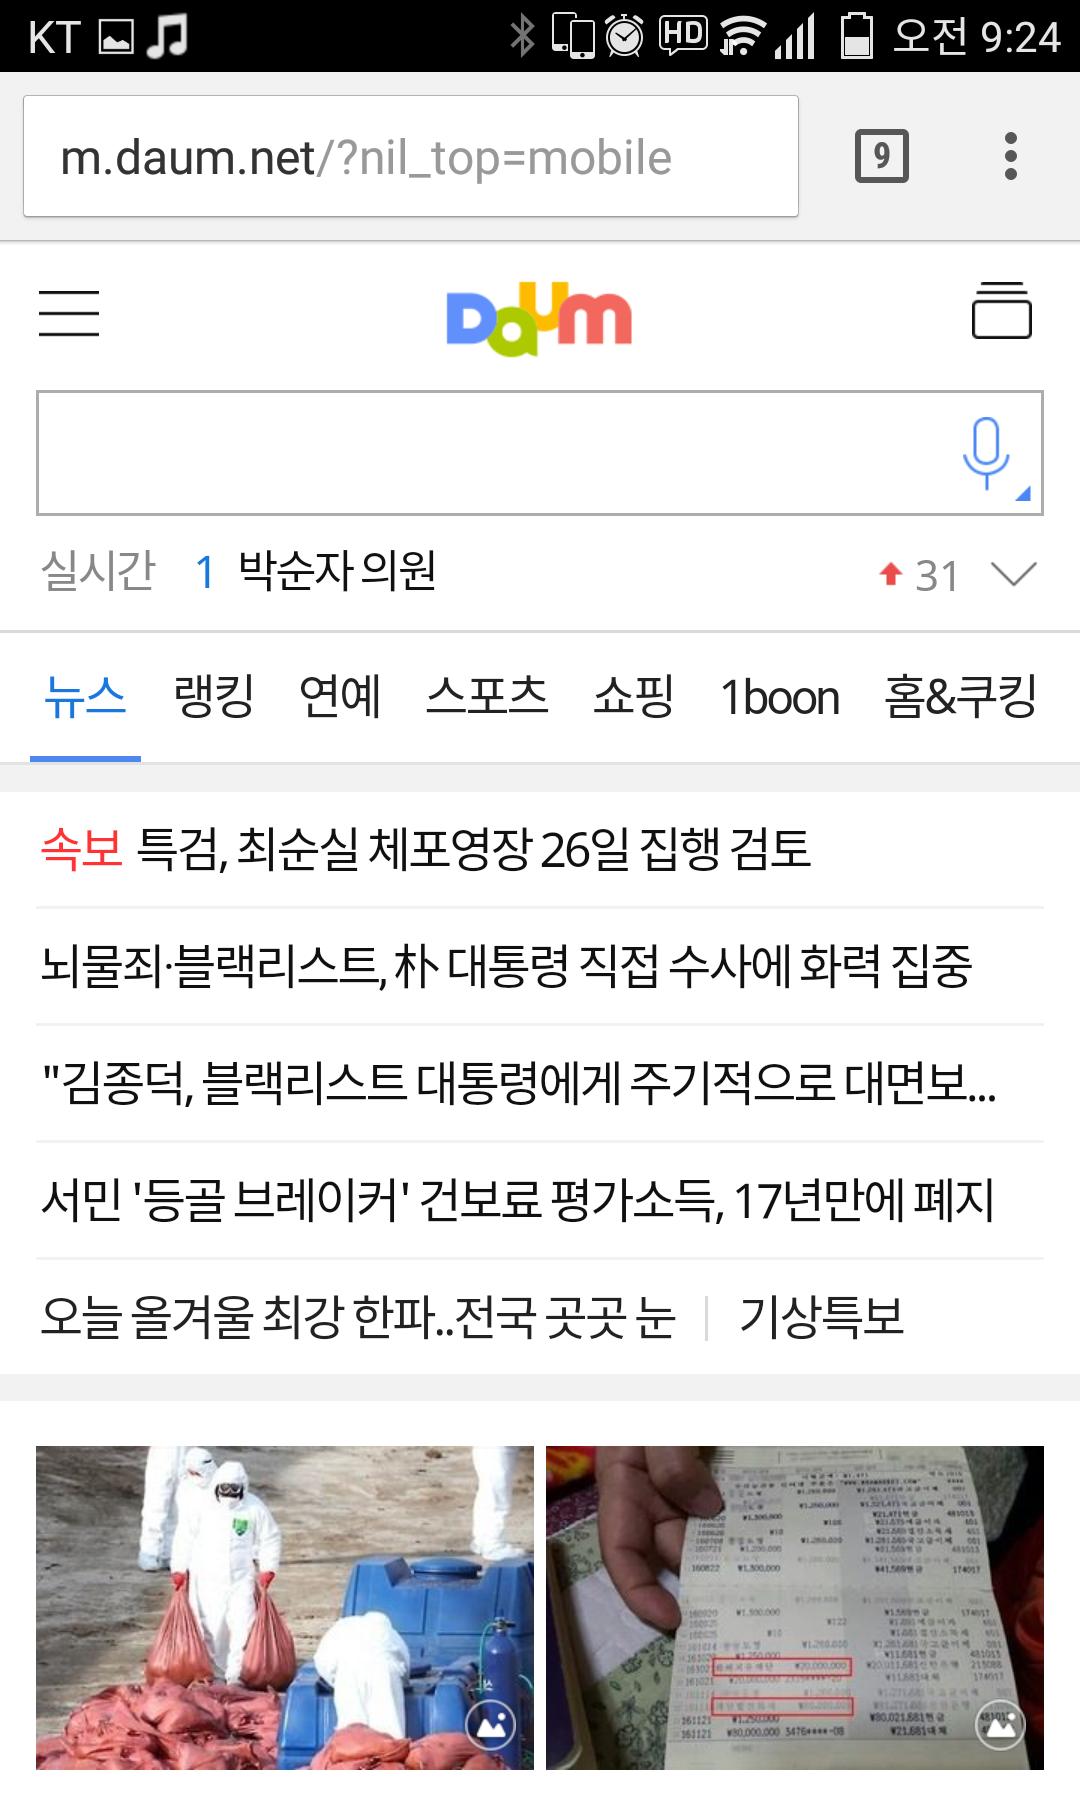 구글 크롬을 이용하여 다음 모바일 페이지를 접속한 모습